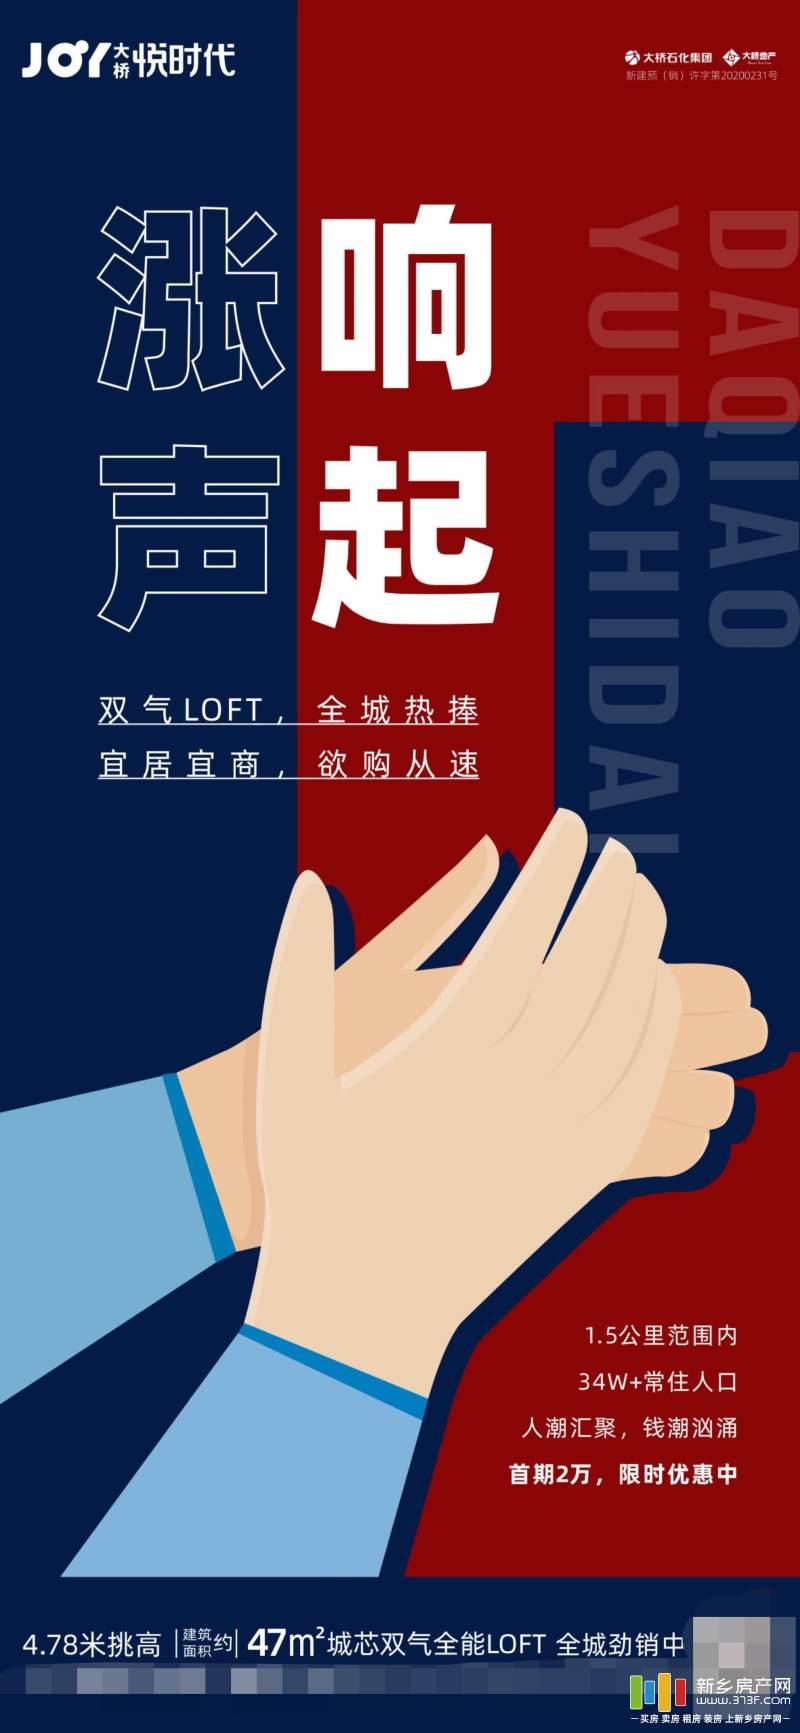 大桥悦时代海报